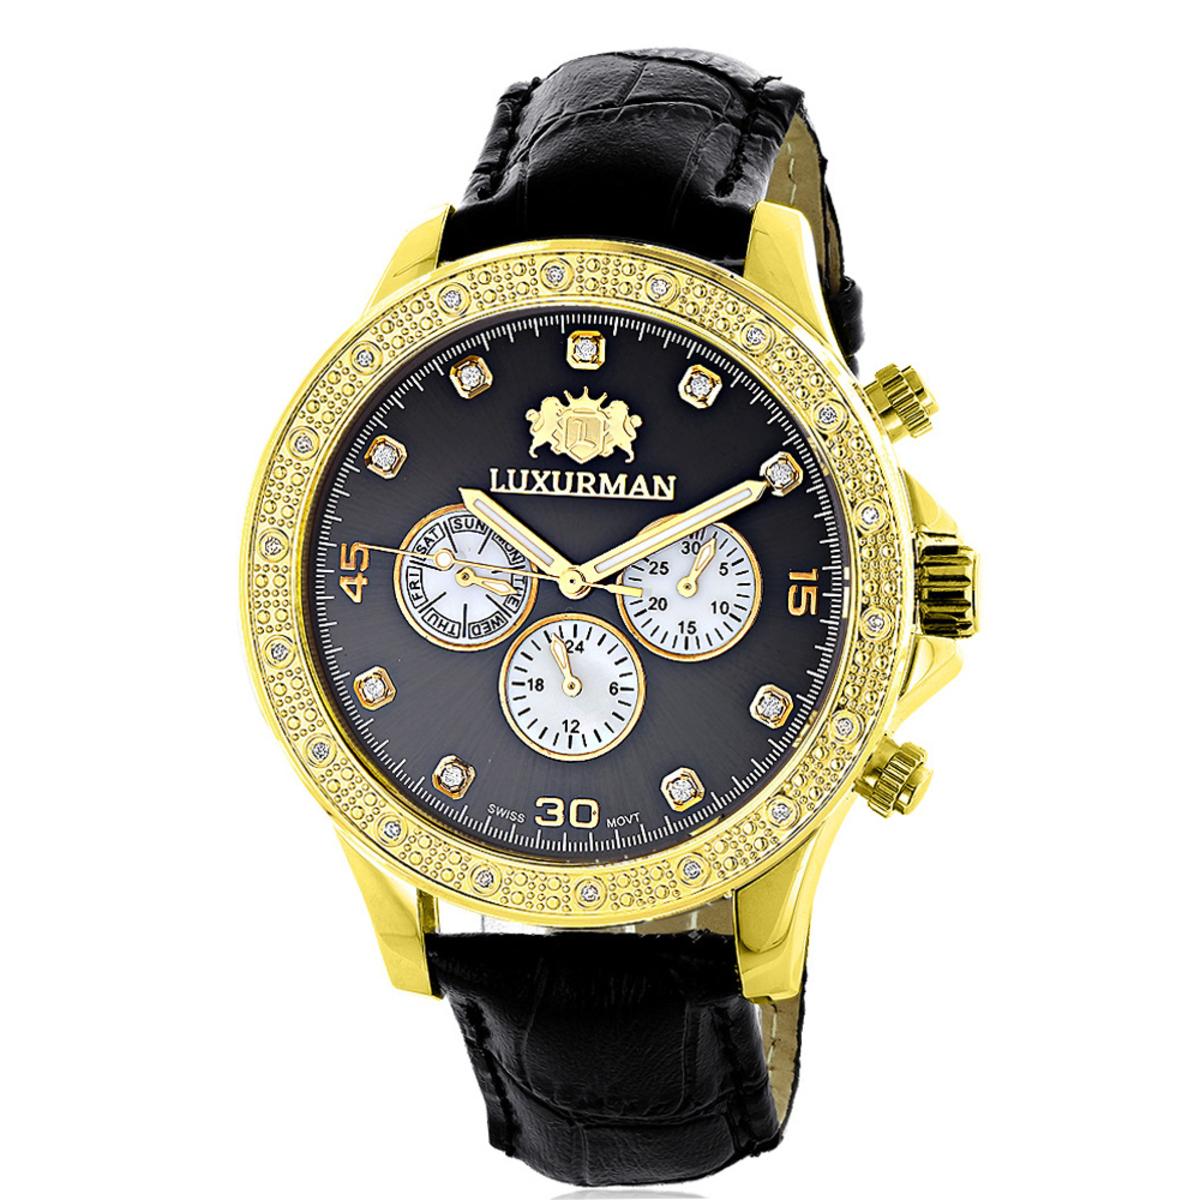 Luxurman Mens Diamond Watch 0.2ct Black MOP Liberty Yellow Gold Plated